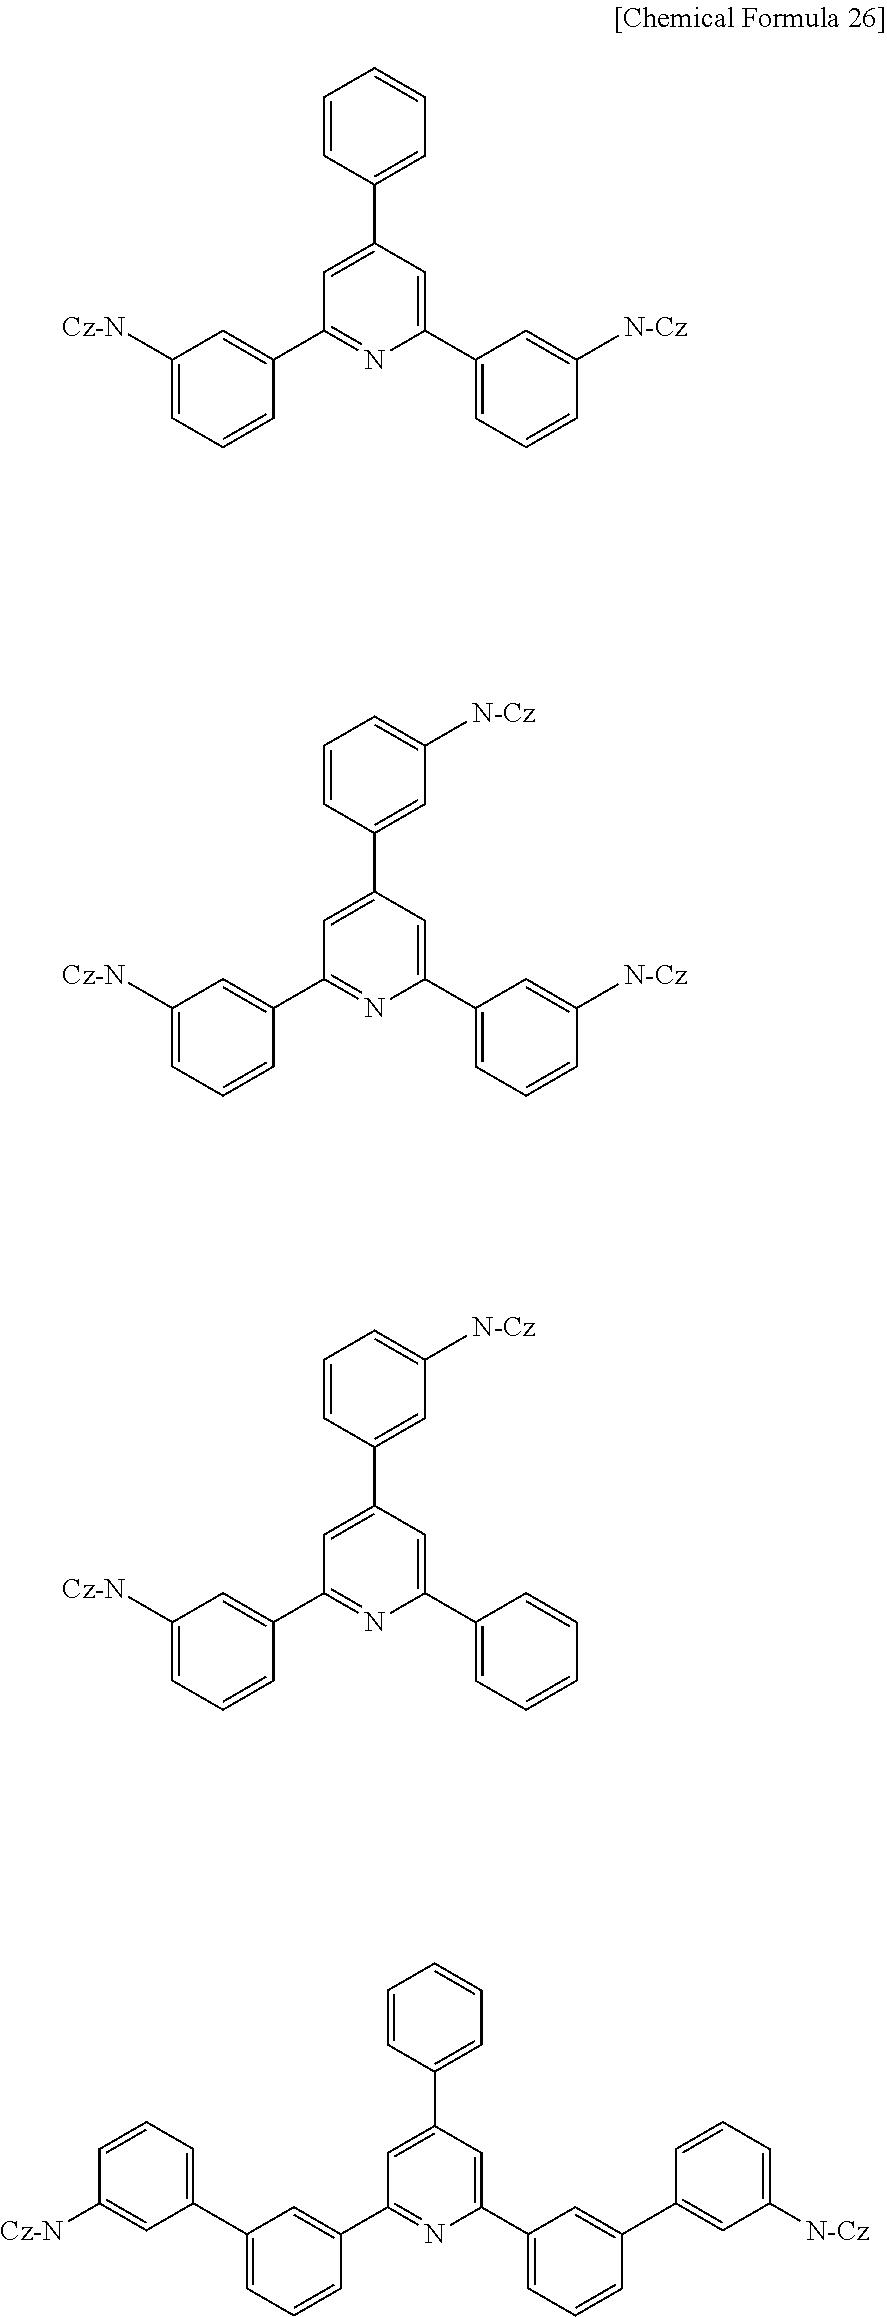 Figure US20110215312A1-20110908-C00062